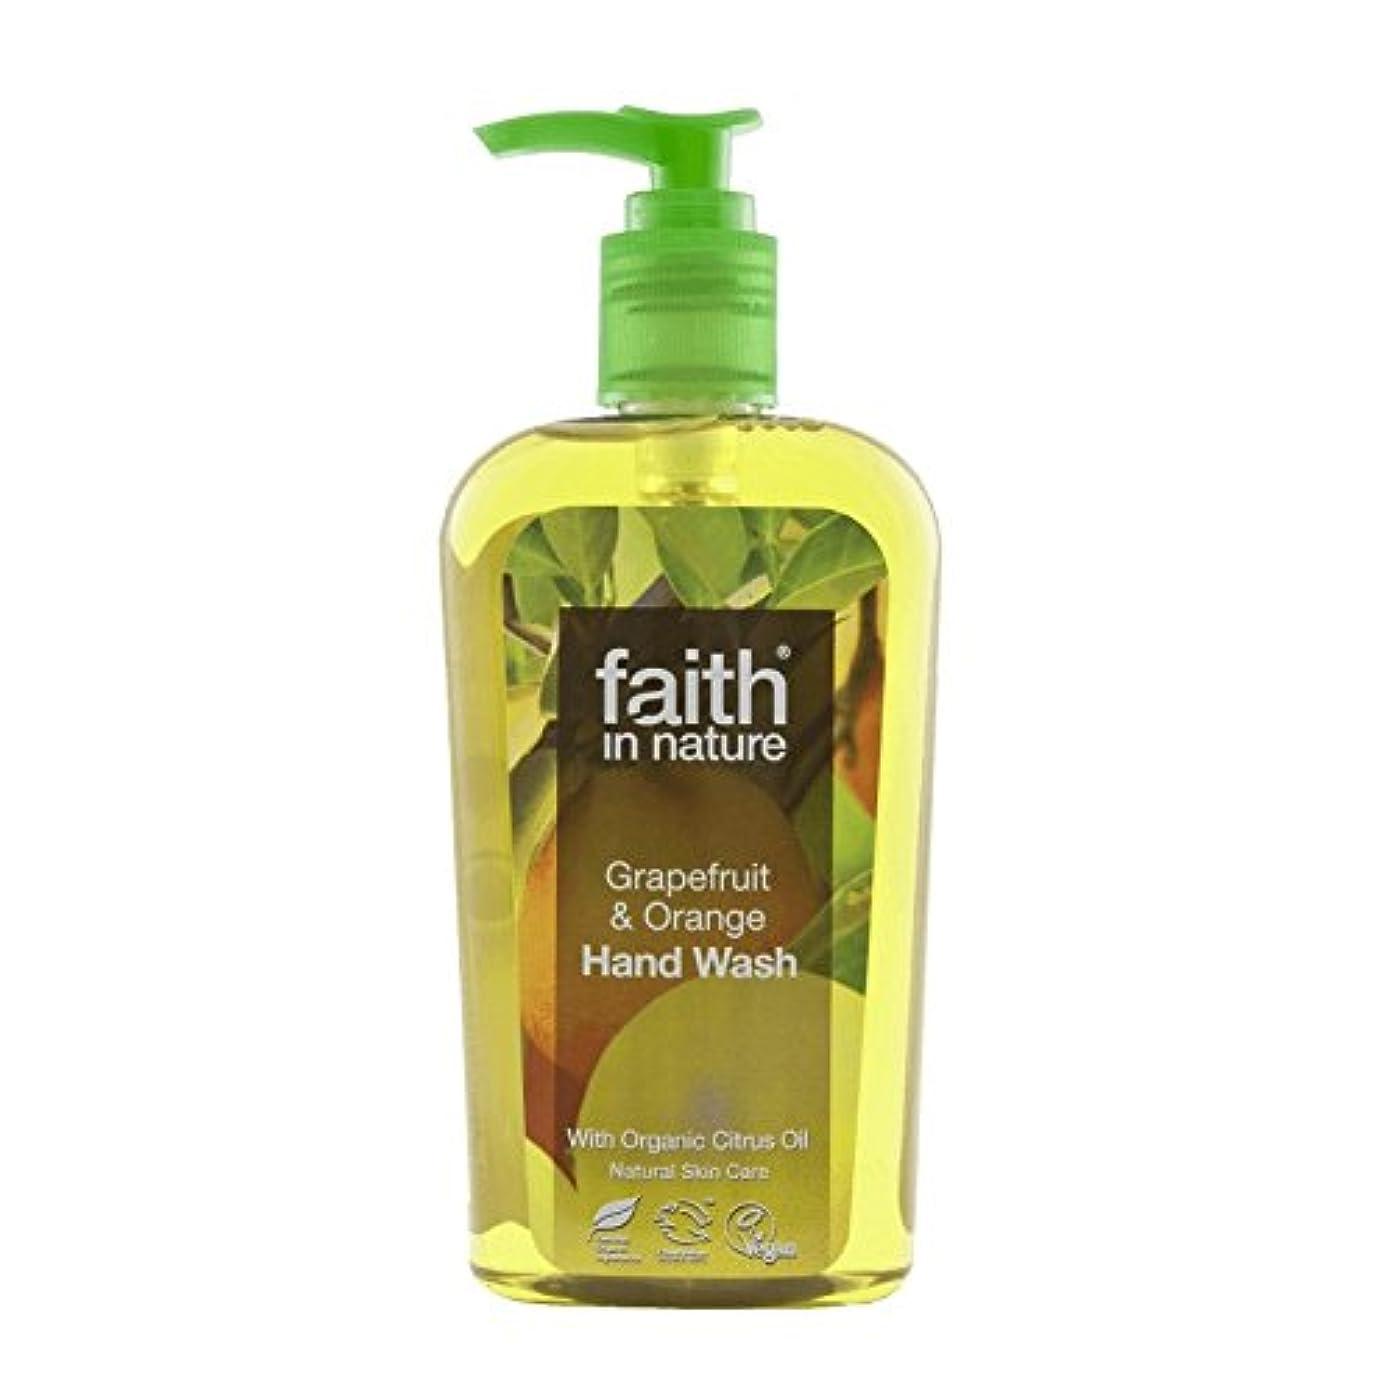 湿気の多いポゴスティックジャンプダンプ自然グレープフルーツ&オレンジ手洗いの300ミリリットルの信仰 - Faith In Nature Grapefruit & Orange Handwash 300ml (Faith in Nature) [並行輸入品]